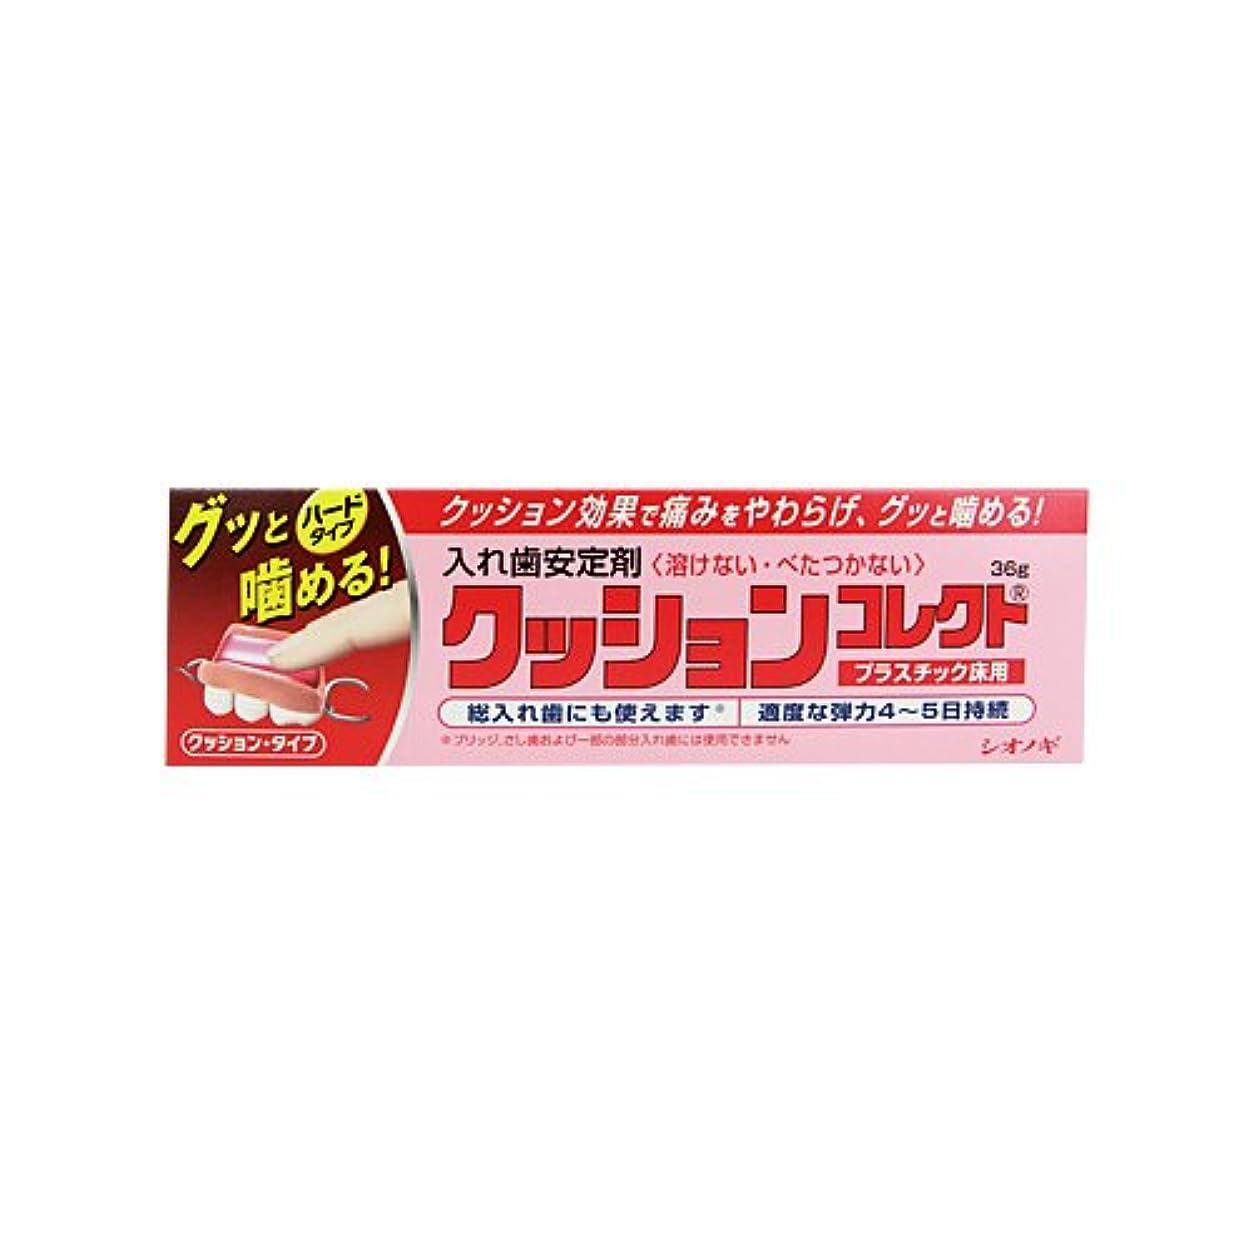 かごシネマビタミンシオノギ製薬 クッションコレクト クッションタイプ 36g